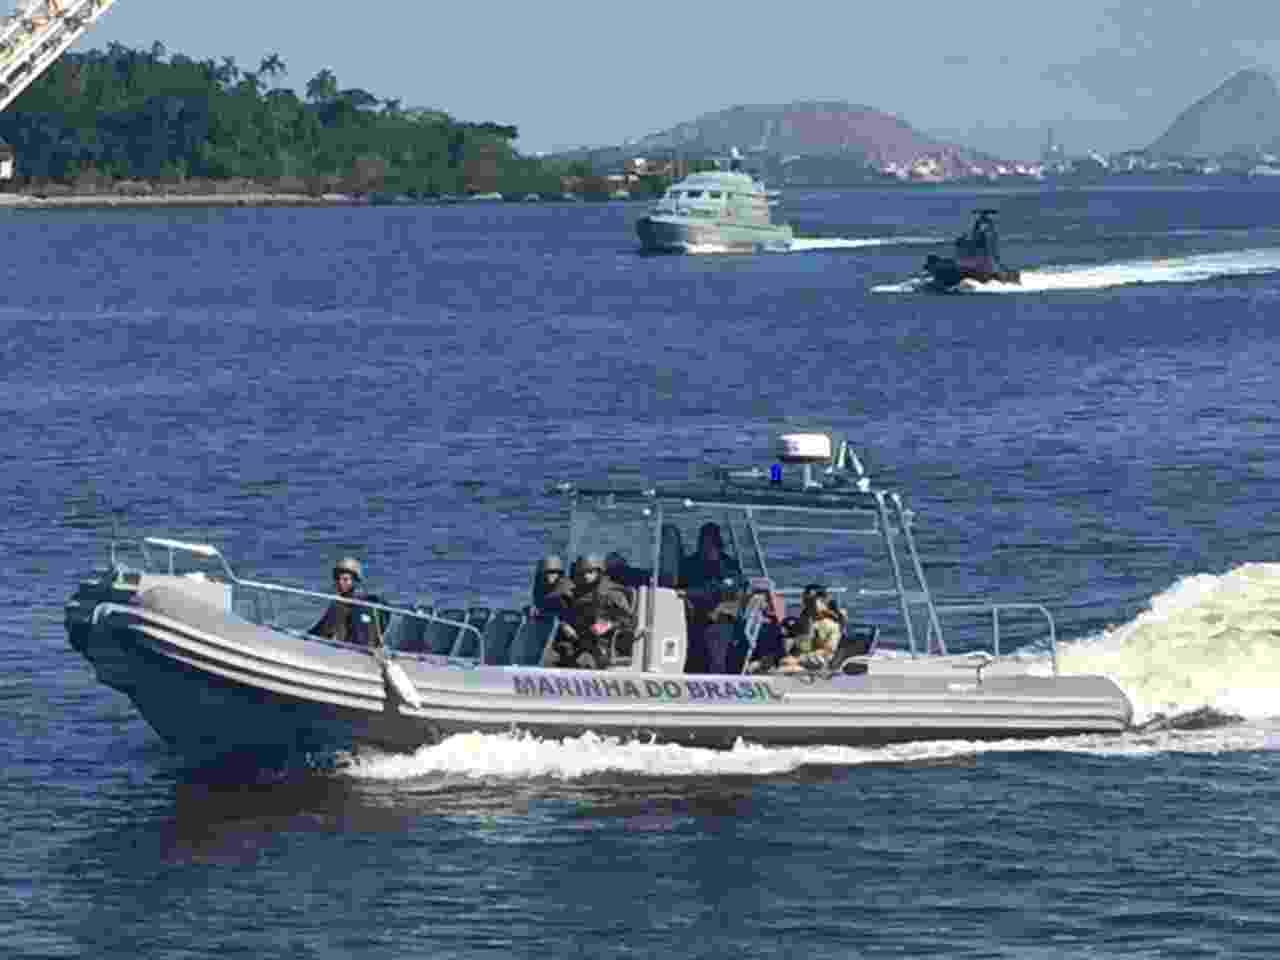 Diferentes tipos de embarcação foram usados na operação no Complexo do Salgueiro, na região metropolitana do Rio - Luis Kawaguti/UOL